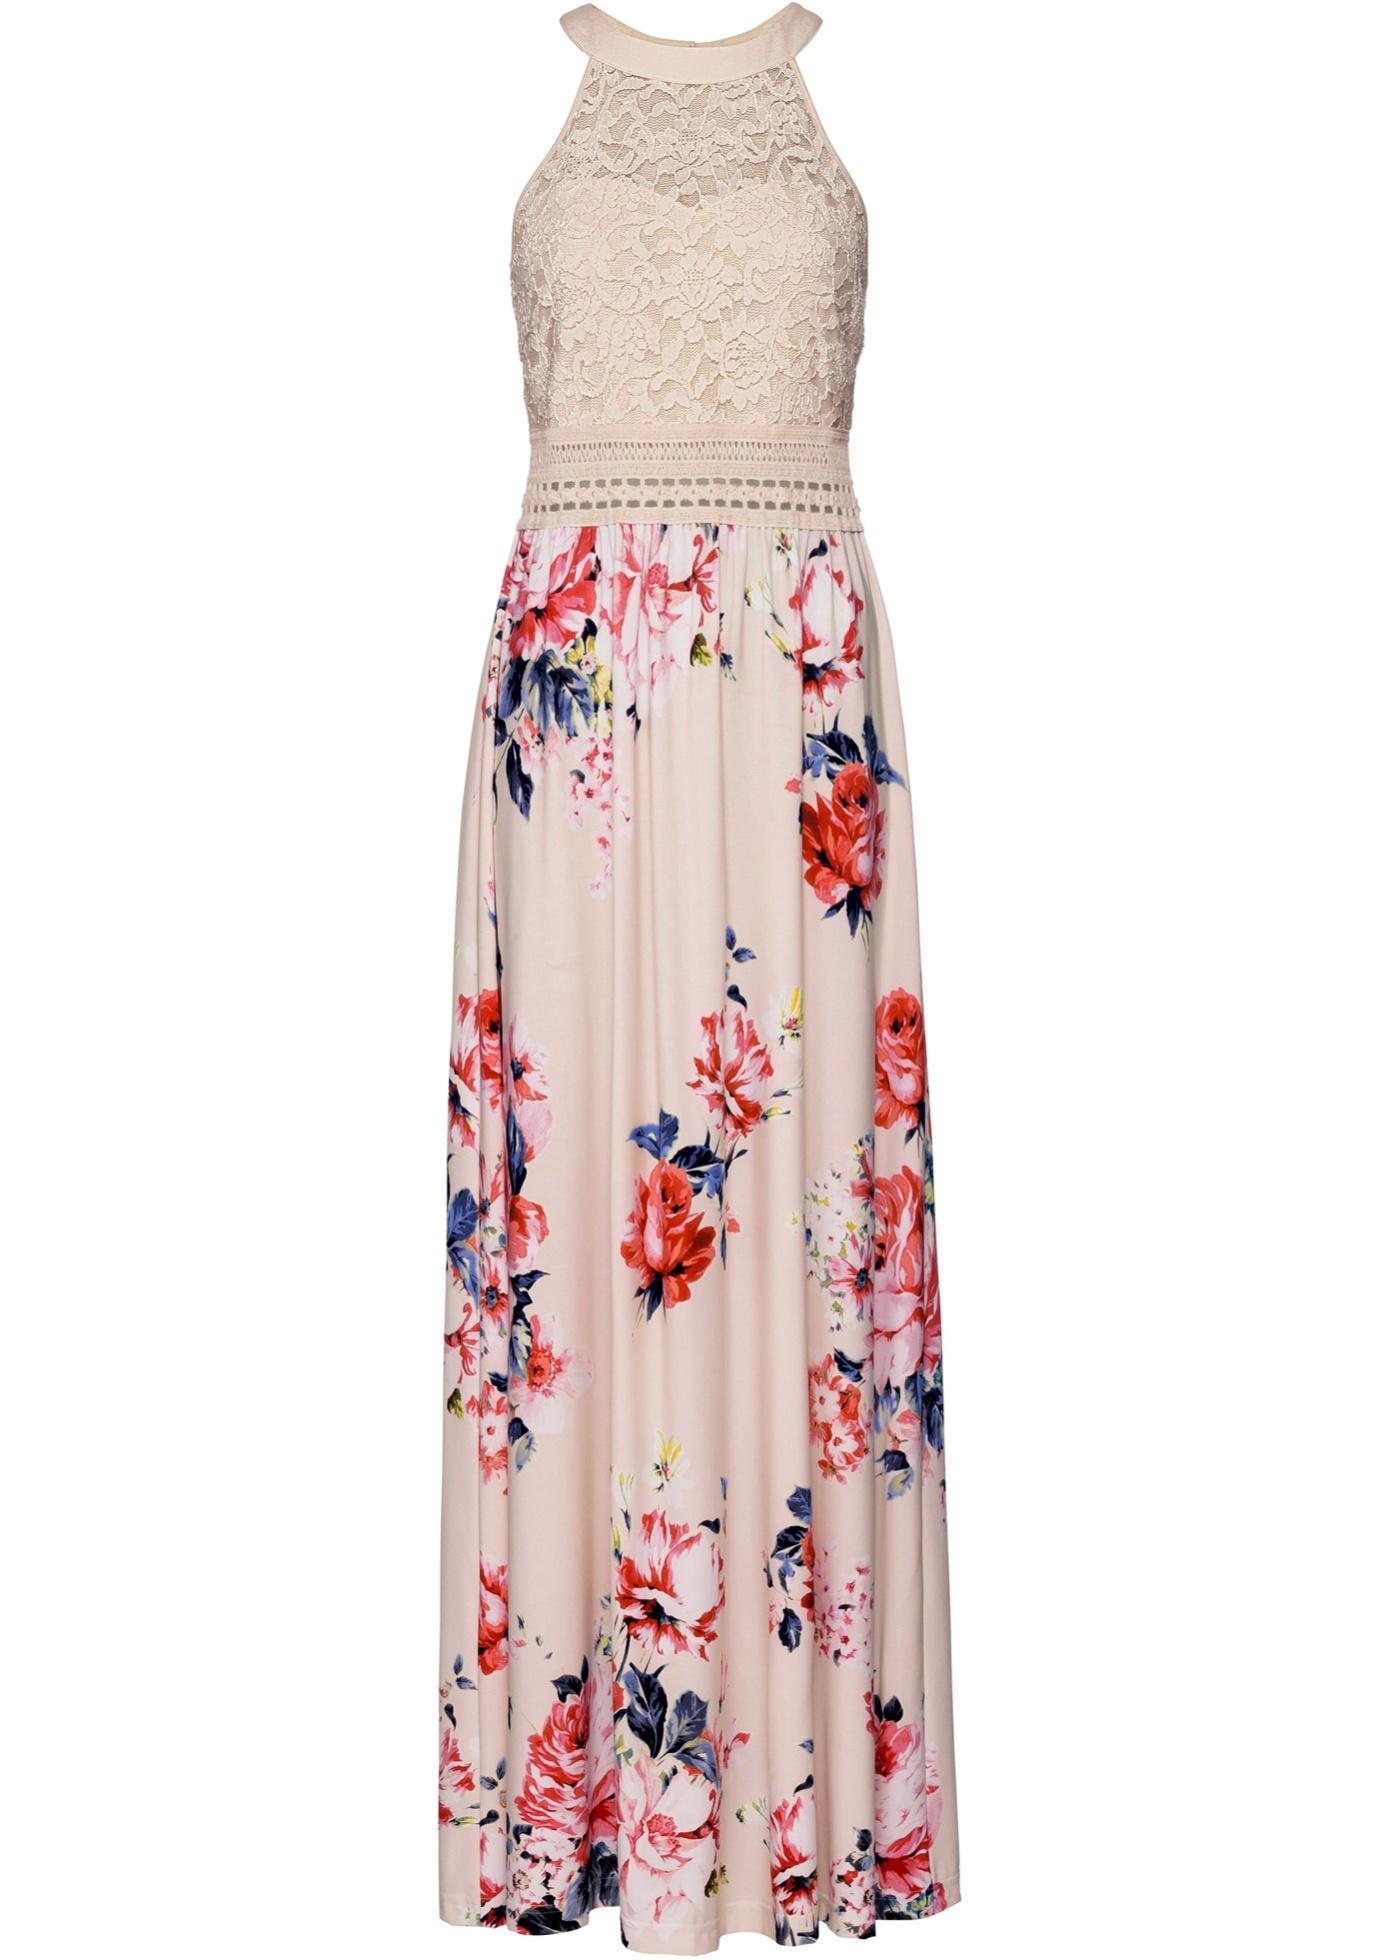 Sommerkleid mit Blumen-Print und Spitze